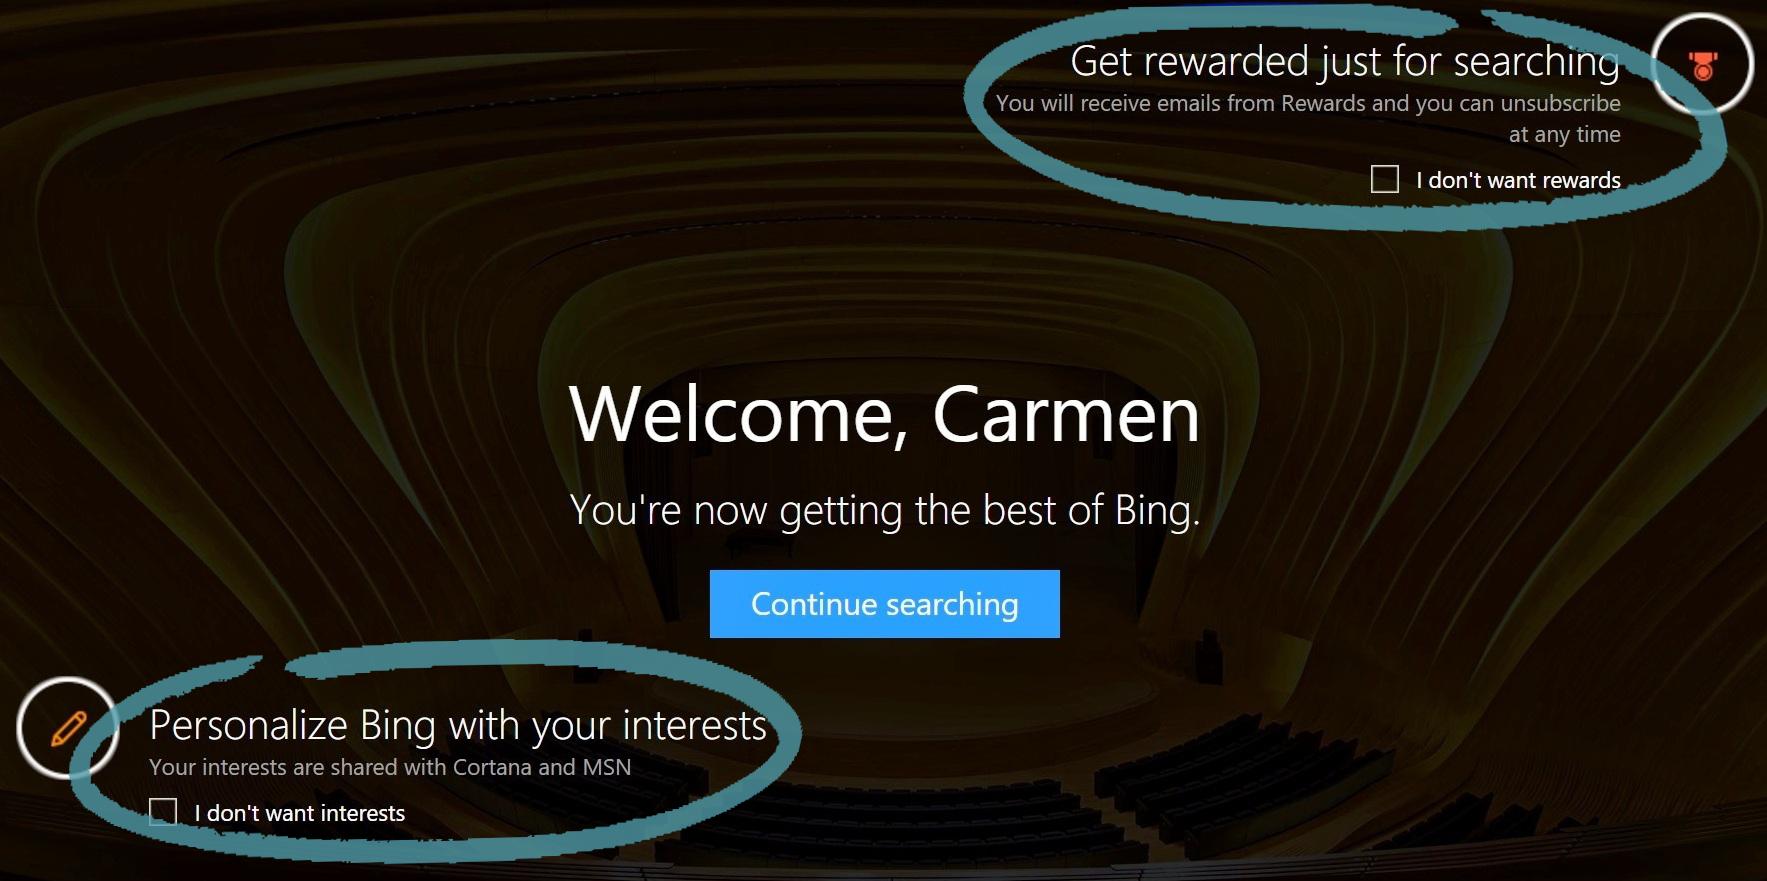 Trang chủ Bing với lựa chọn tham gia Giải thưởng và Mục ưa thích